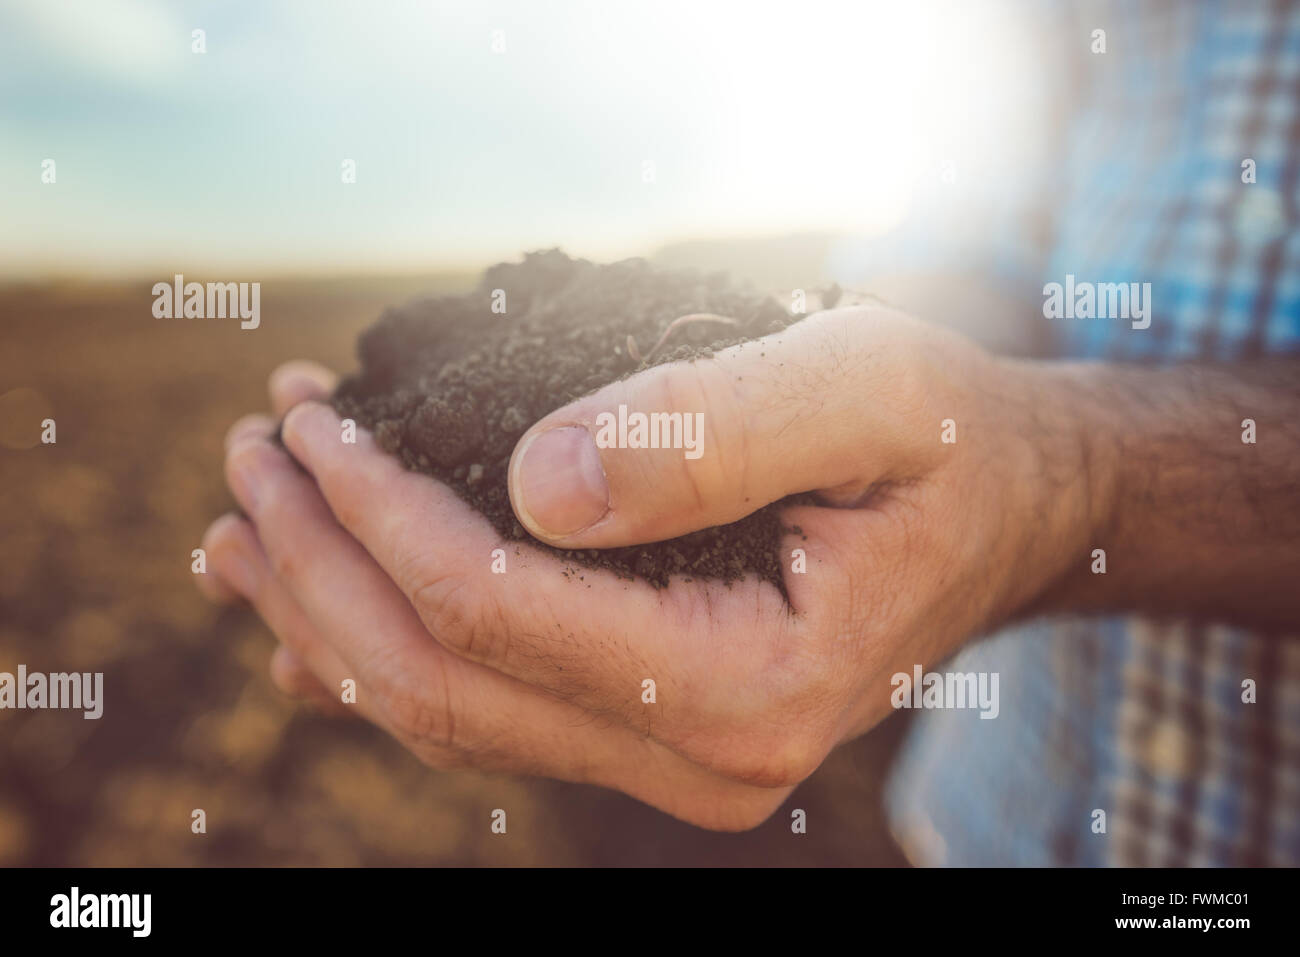 Landwirt mit Haufen von Ackerboden, männliche Agronom Prüfung Qualität der fruchtbares Agrarland, Stockbild